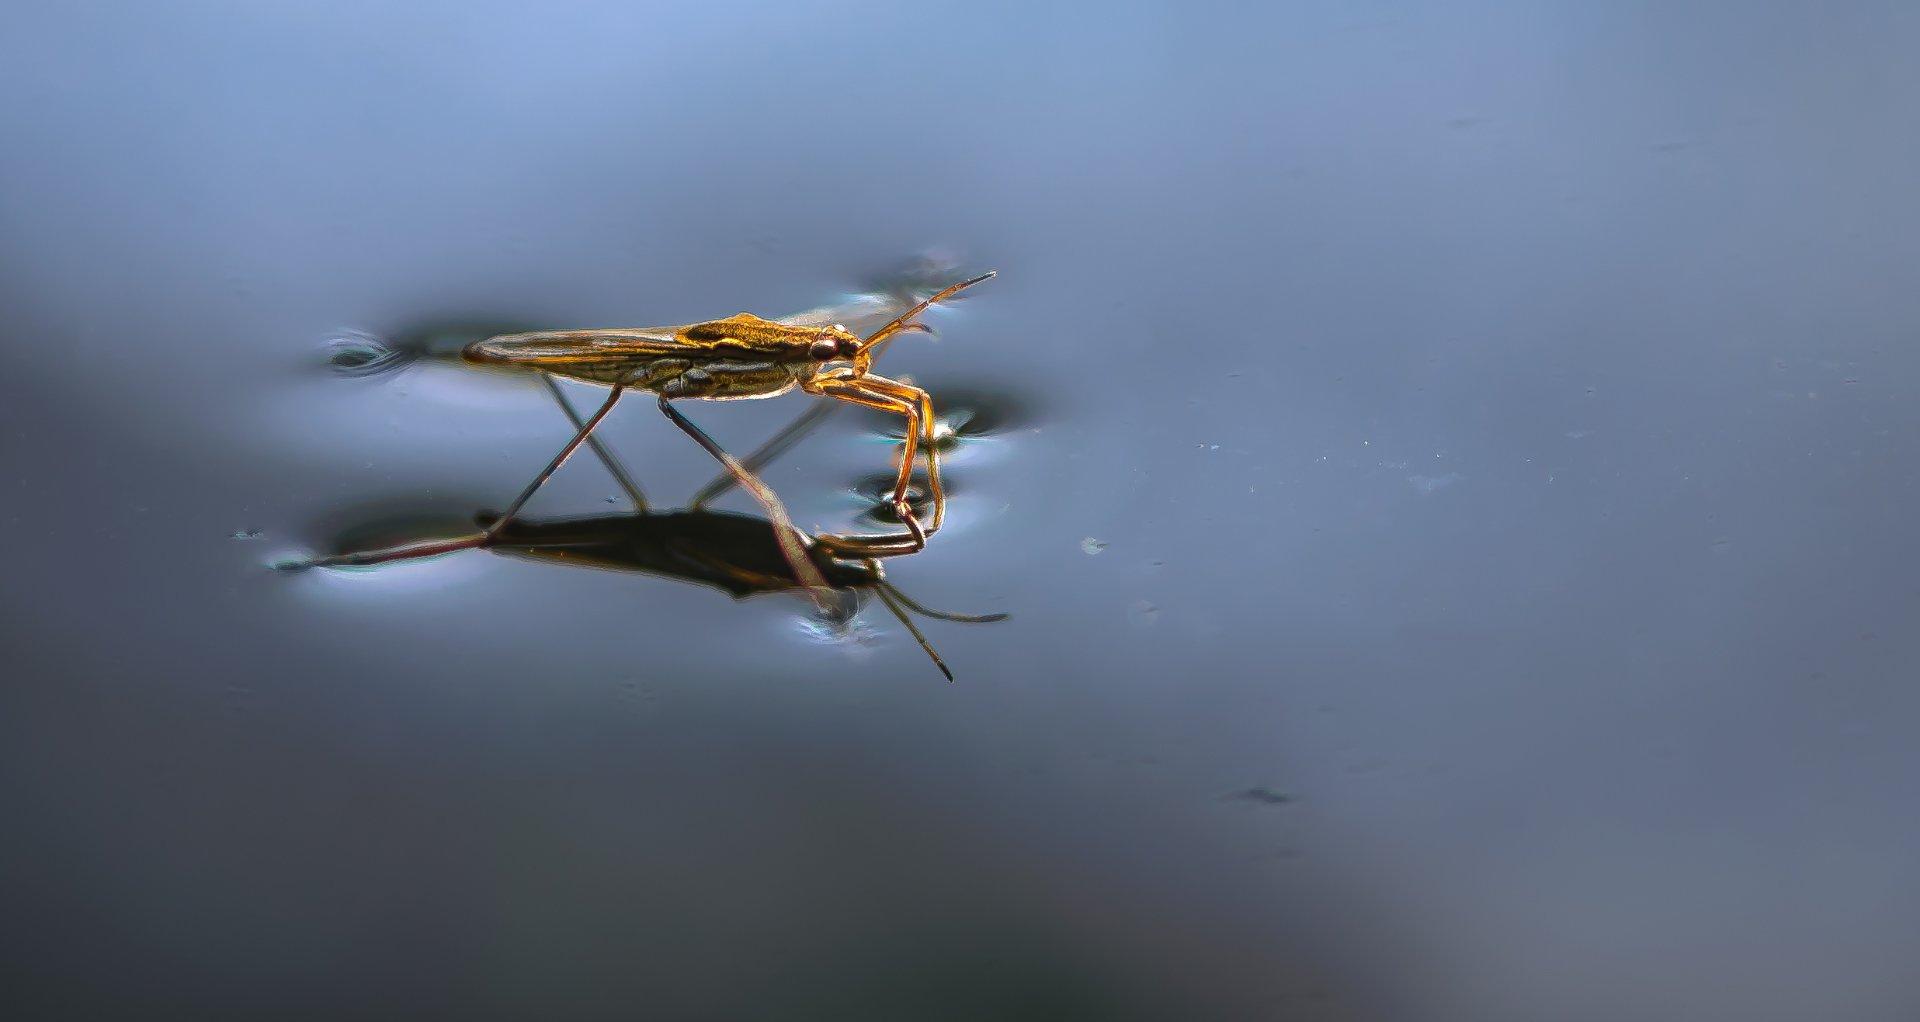 природа, макро, насекомое, водомерка, Неля Рачкова